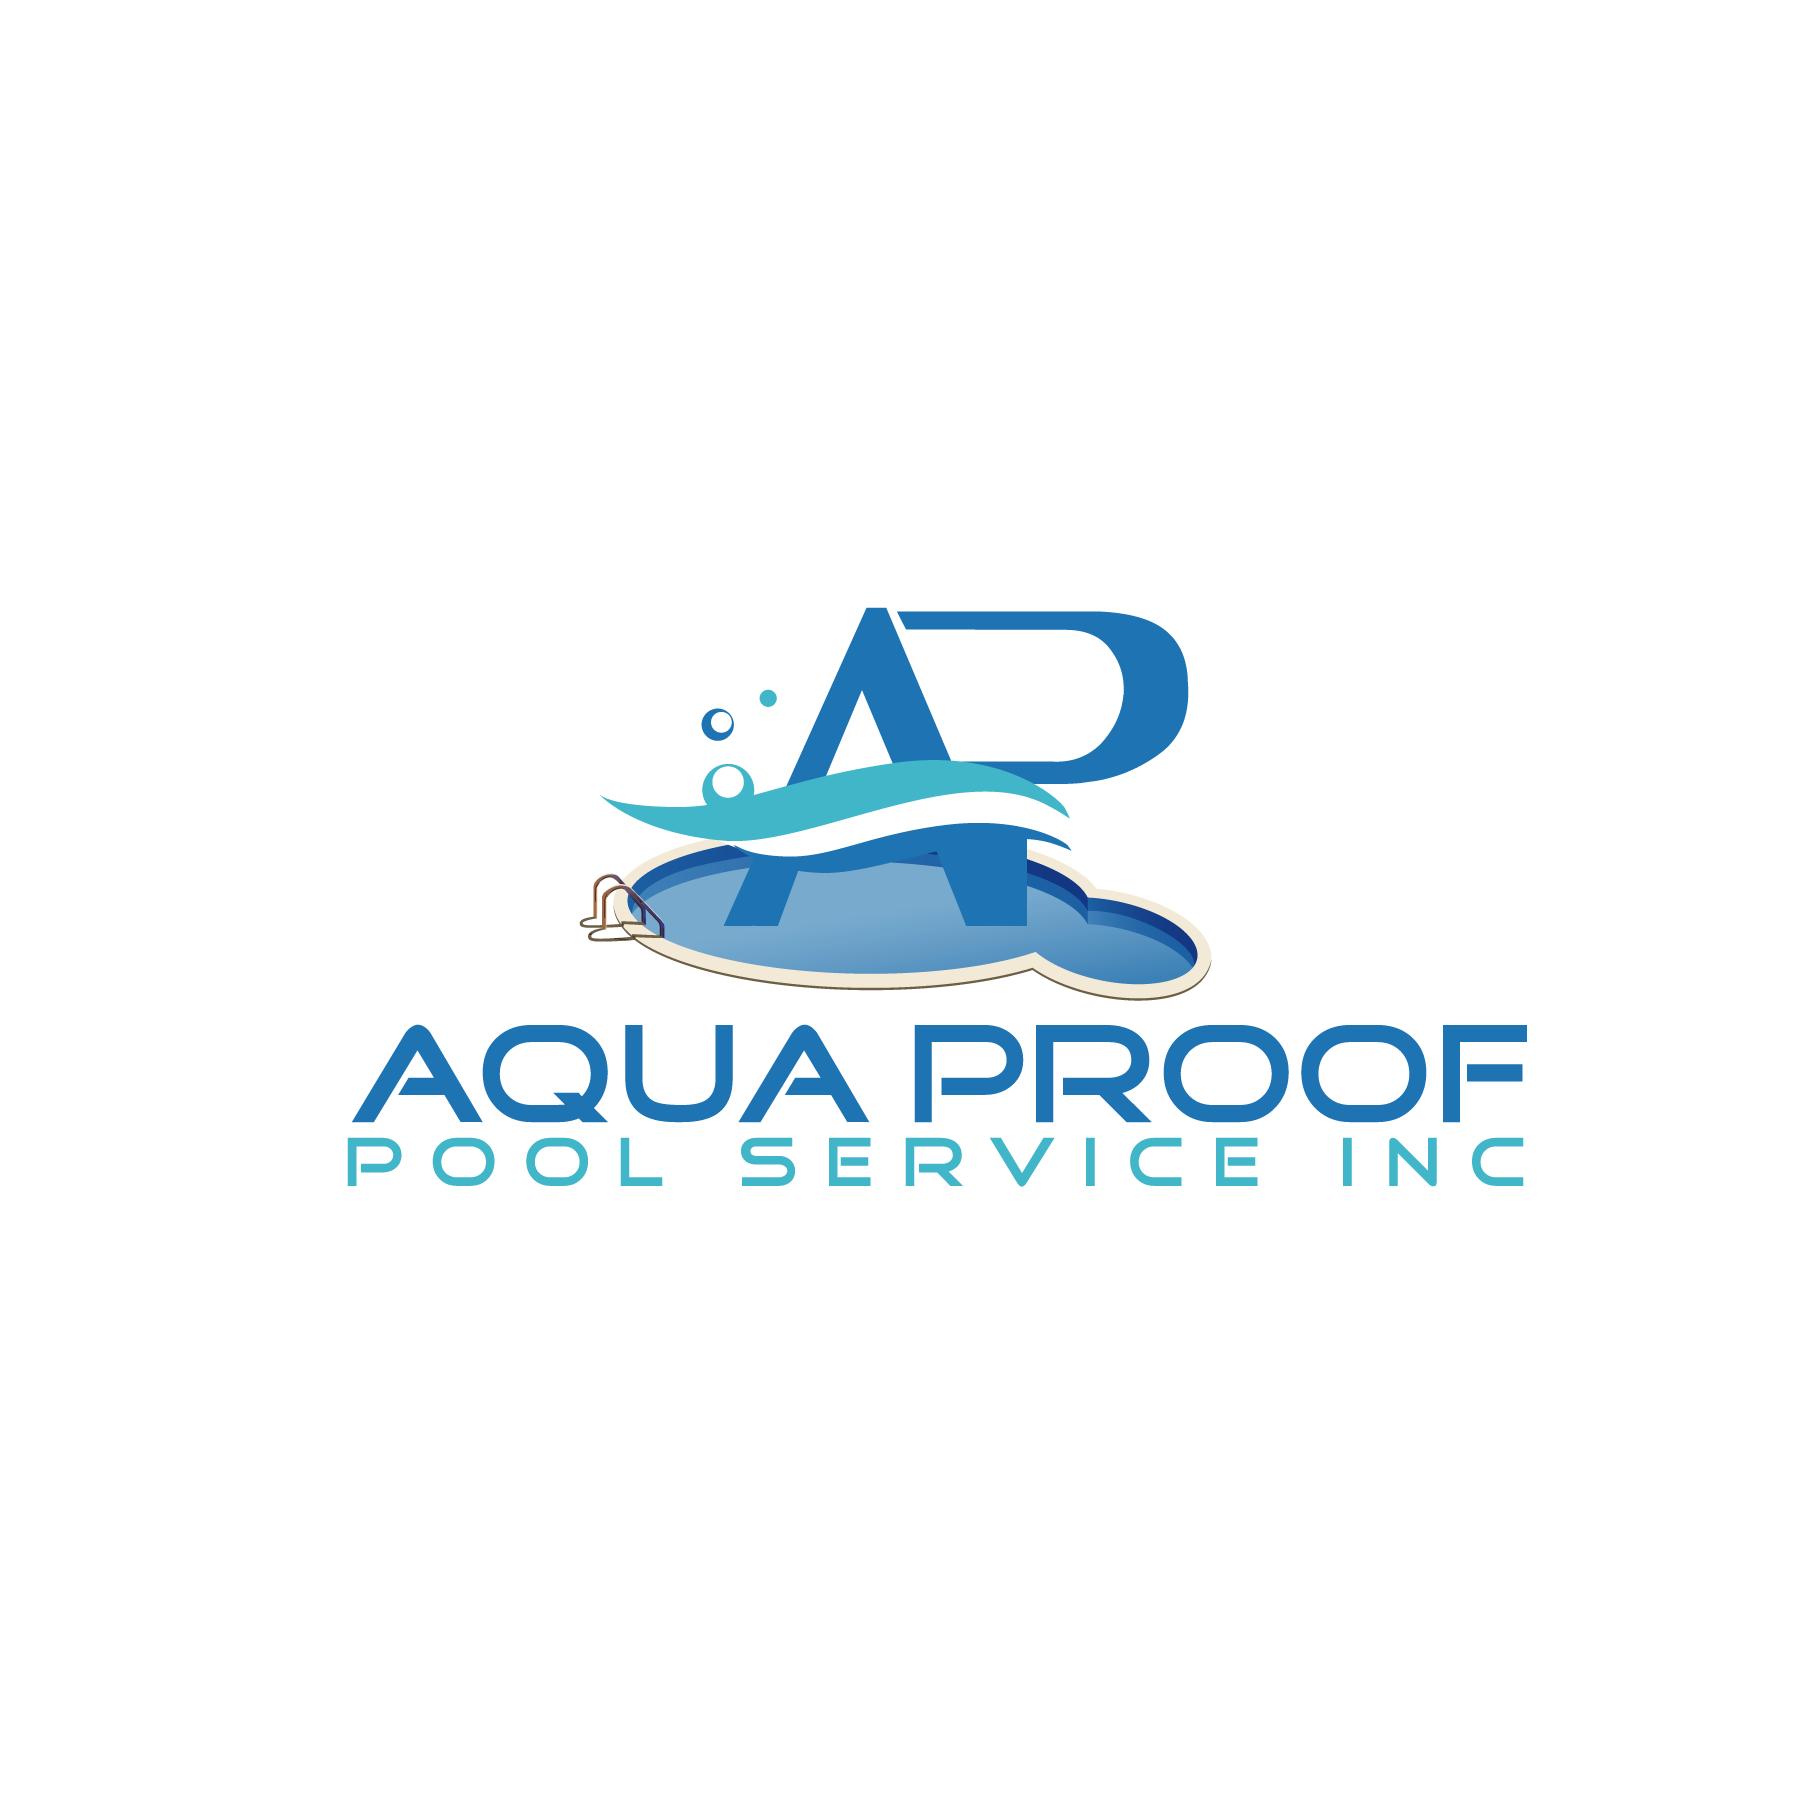 AQUA PROOF POOL SERVICES INC.